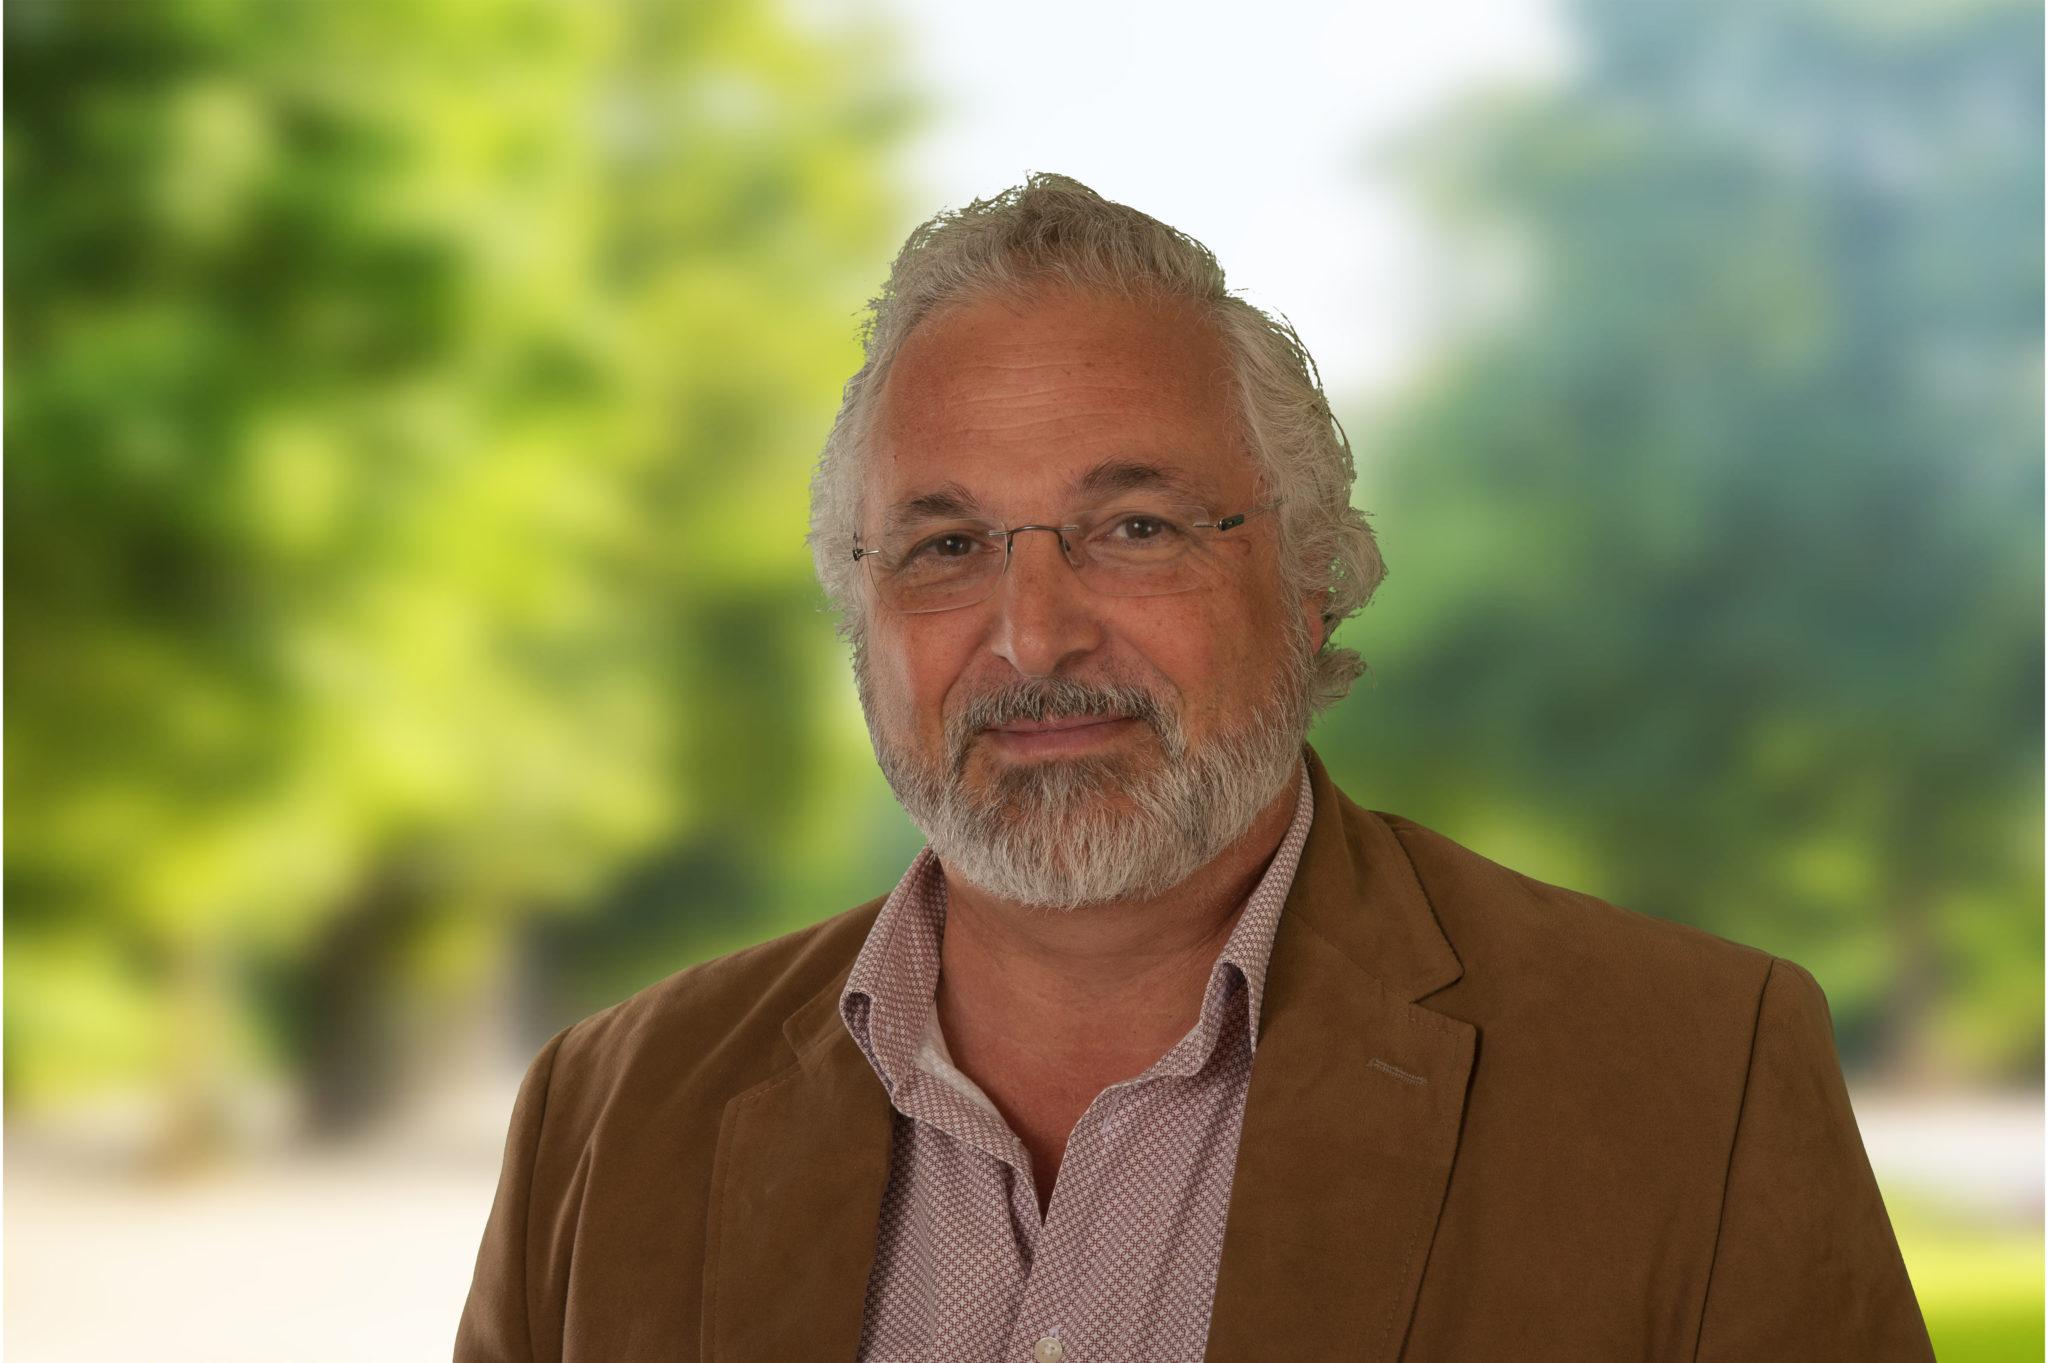 Gino Bibbo